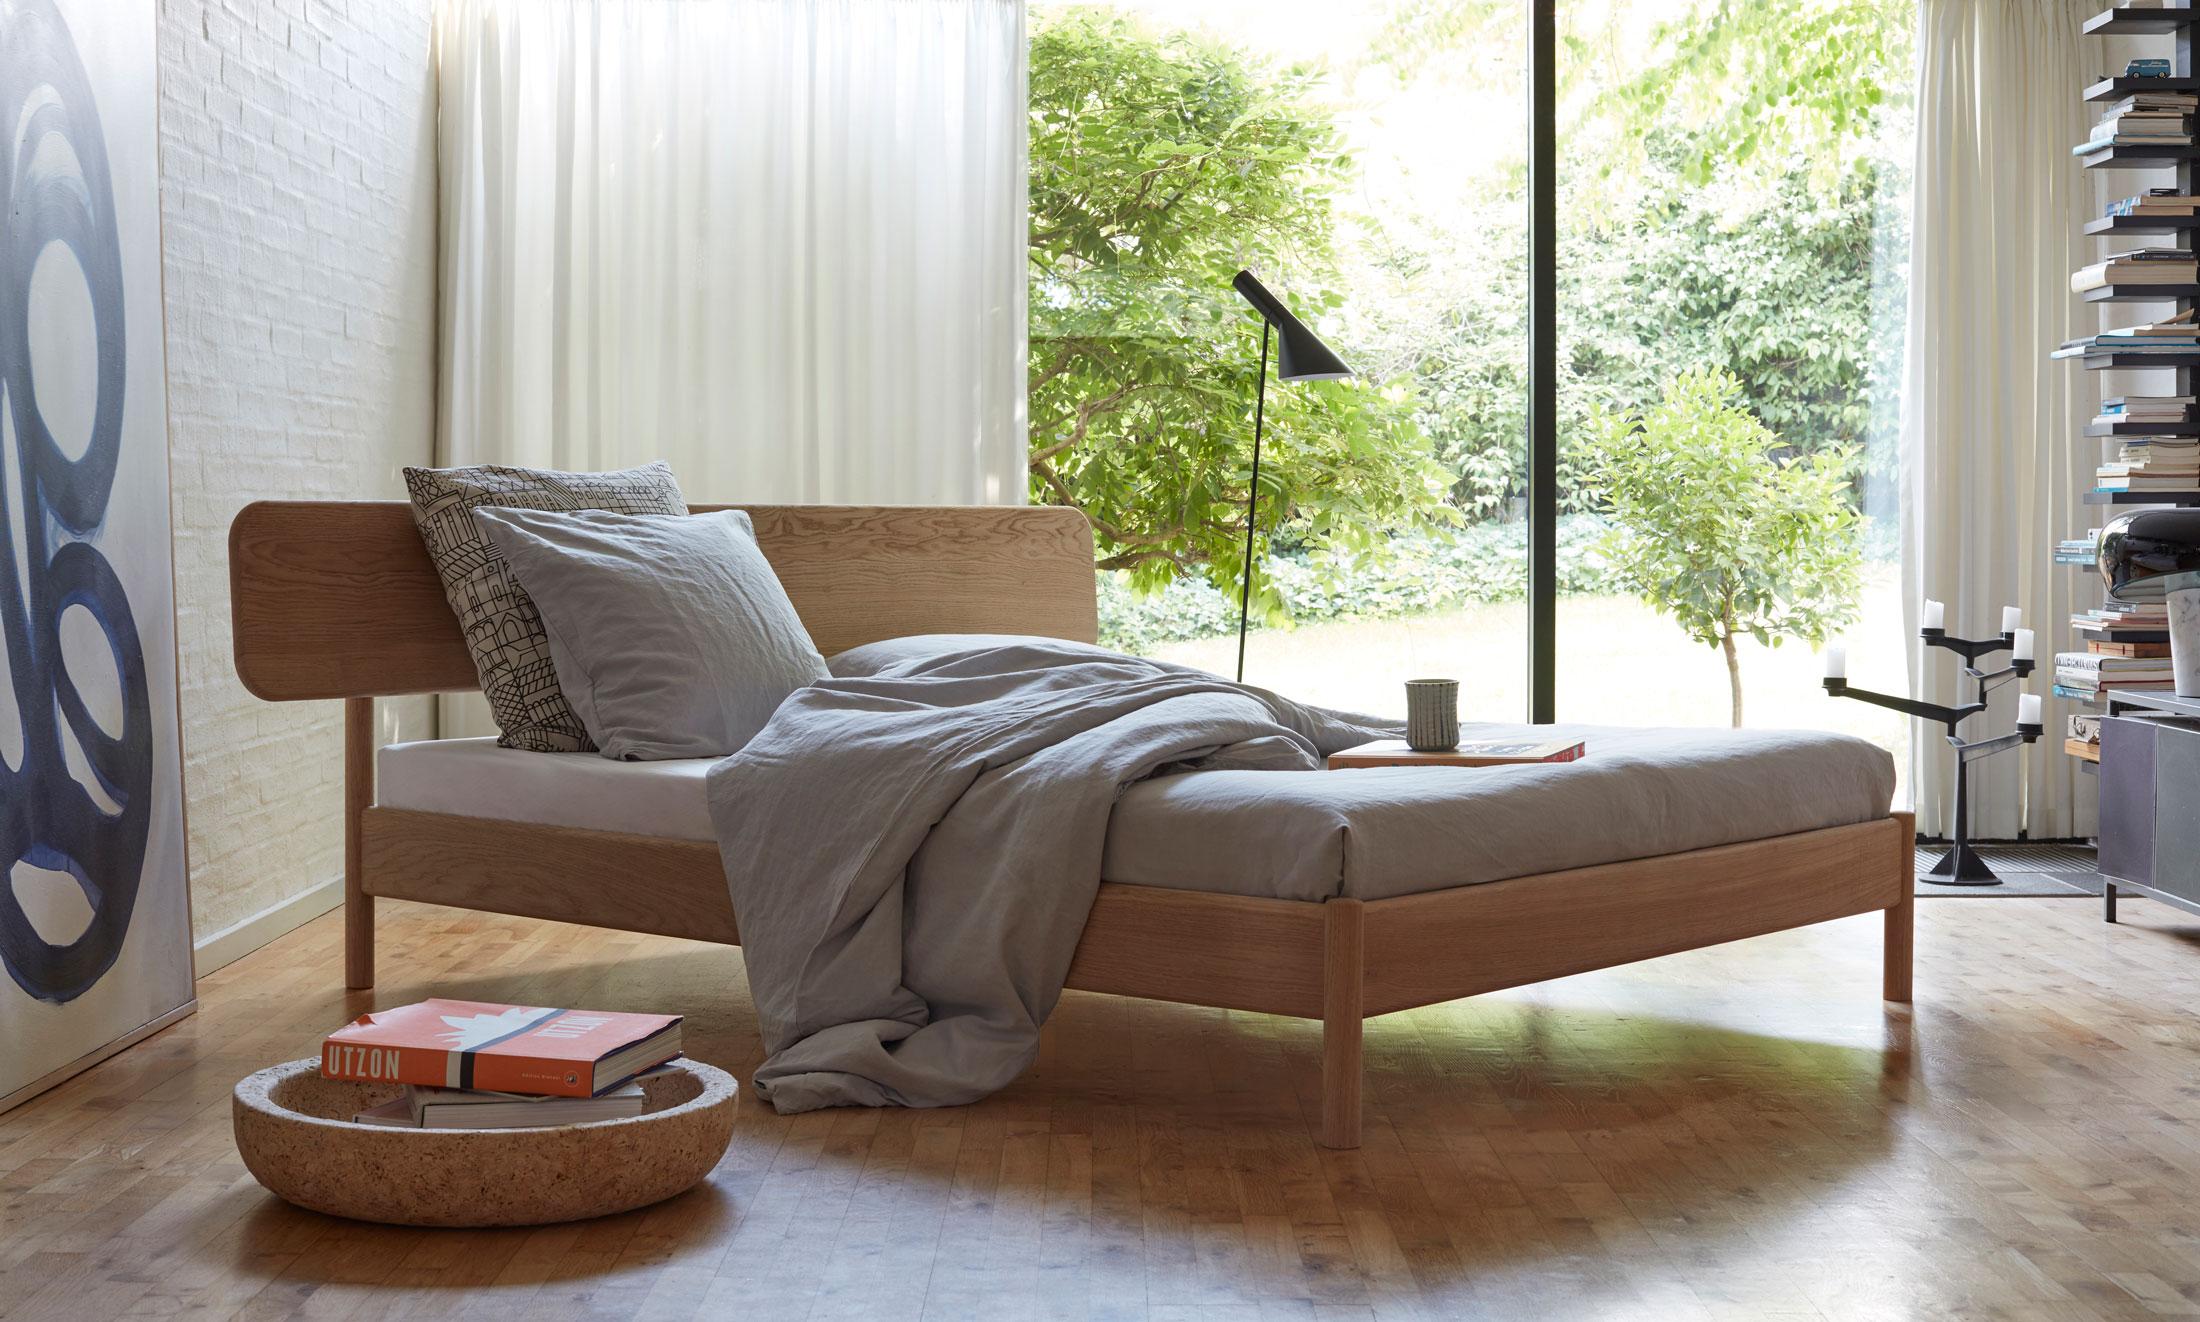 re-alken-bed-12.jpg